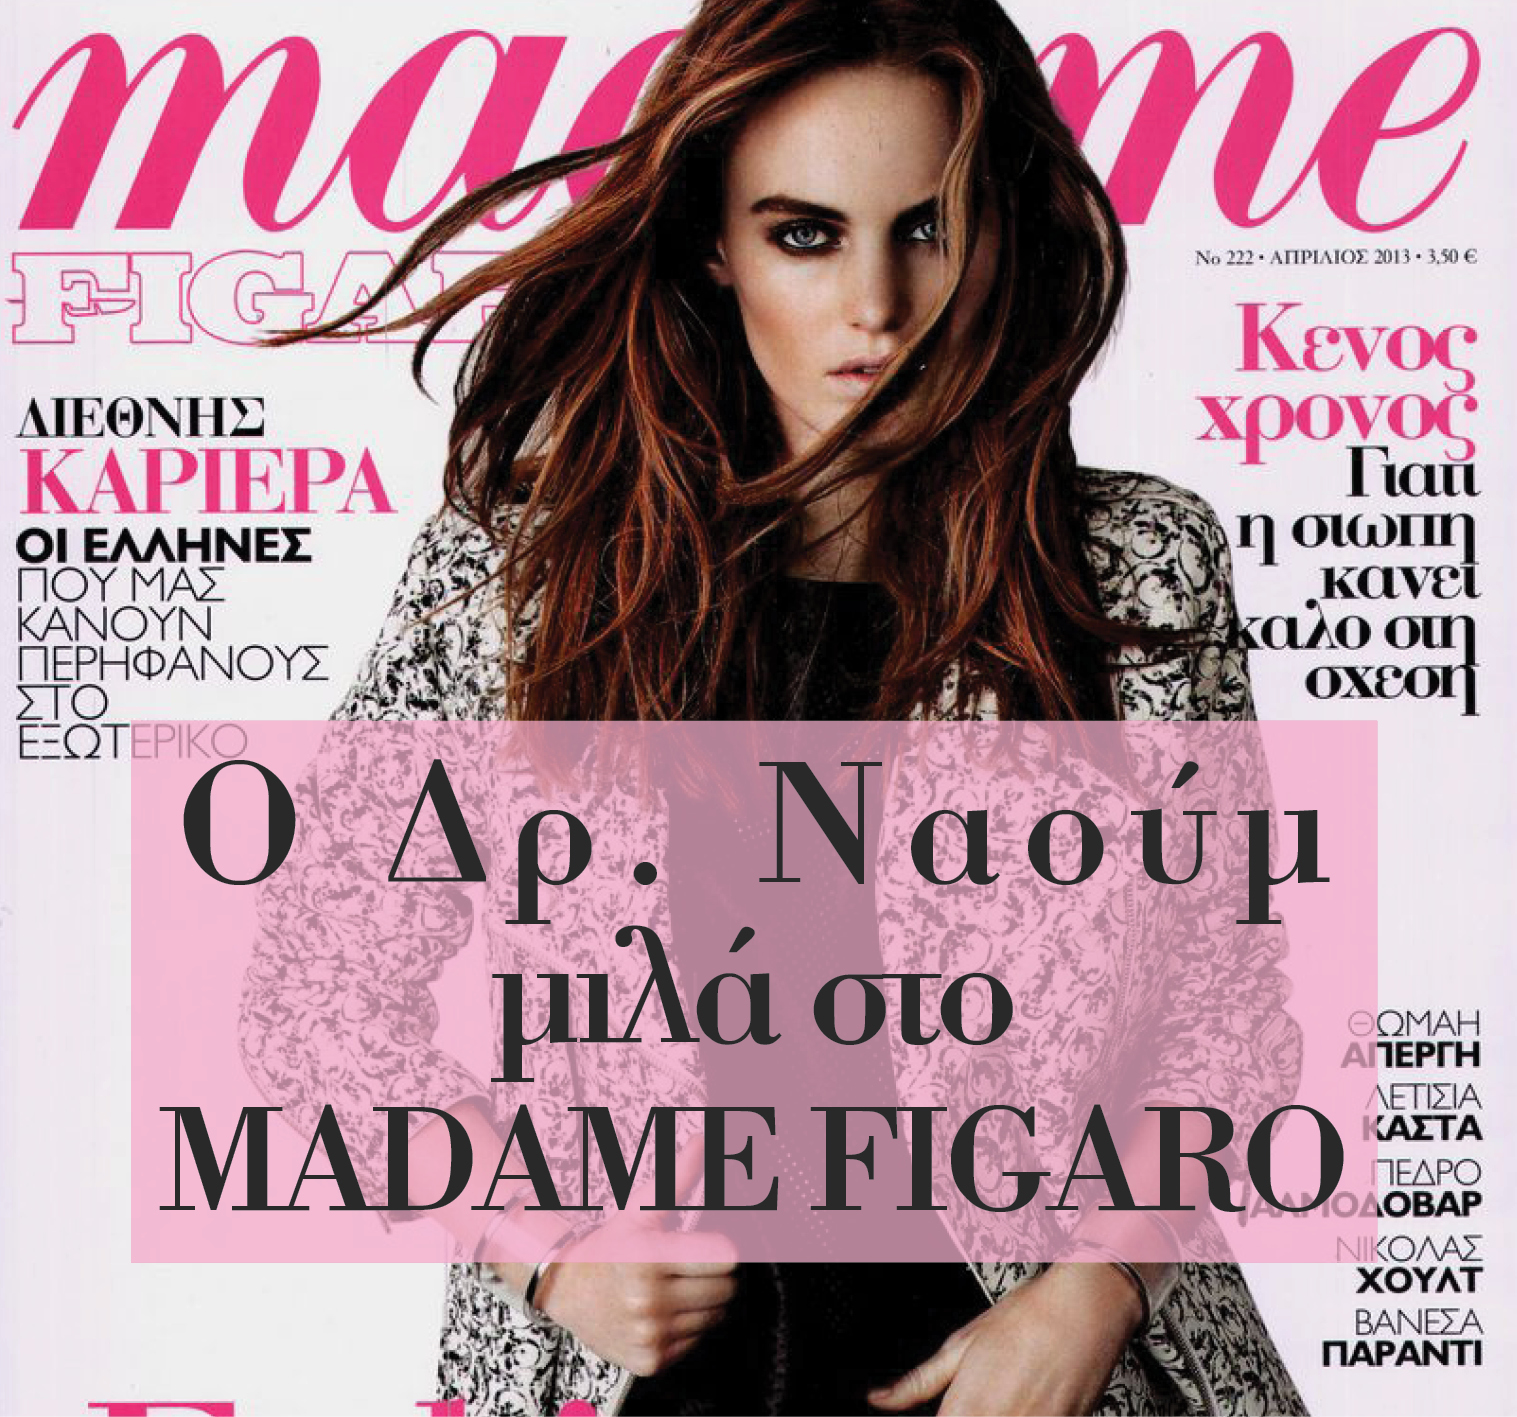 αιδοιοπλαστική-αιδιοπλαστικη-Ο Dr Ναούμ μιλα στο Madame Figaro-αιδοιοπλαστική-αιδιοπλαστικη-Νικόλαος Ναούμ, μαιευτήρας χειρουργός-γυναικολόγος, ειδικευμένος στην Κοσμητική Γυναικολογία